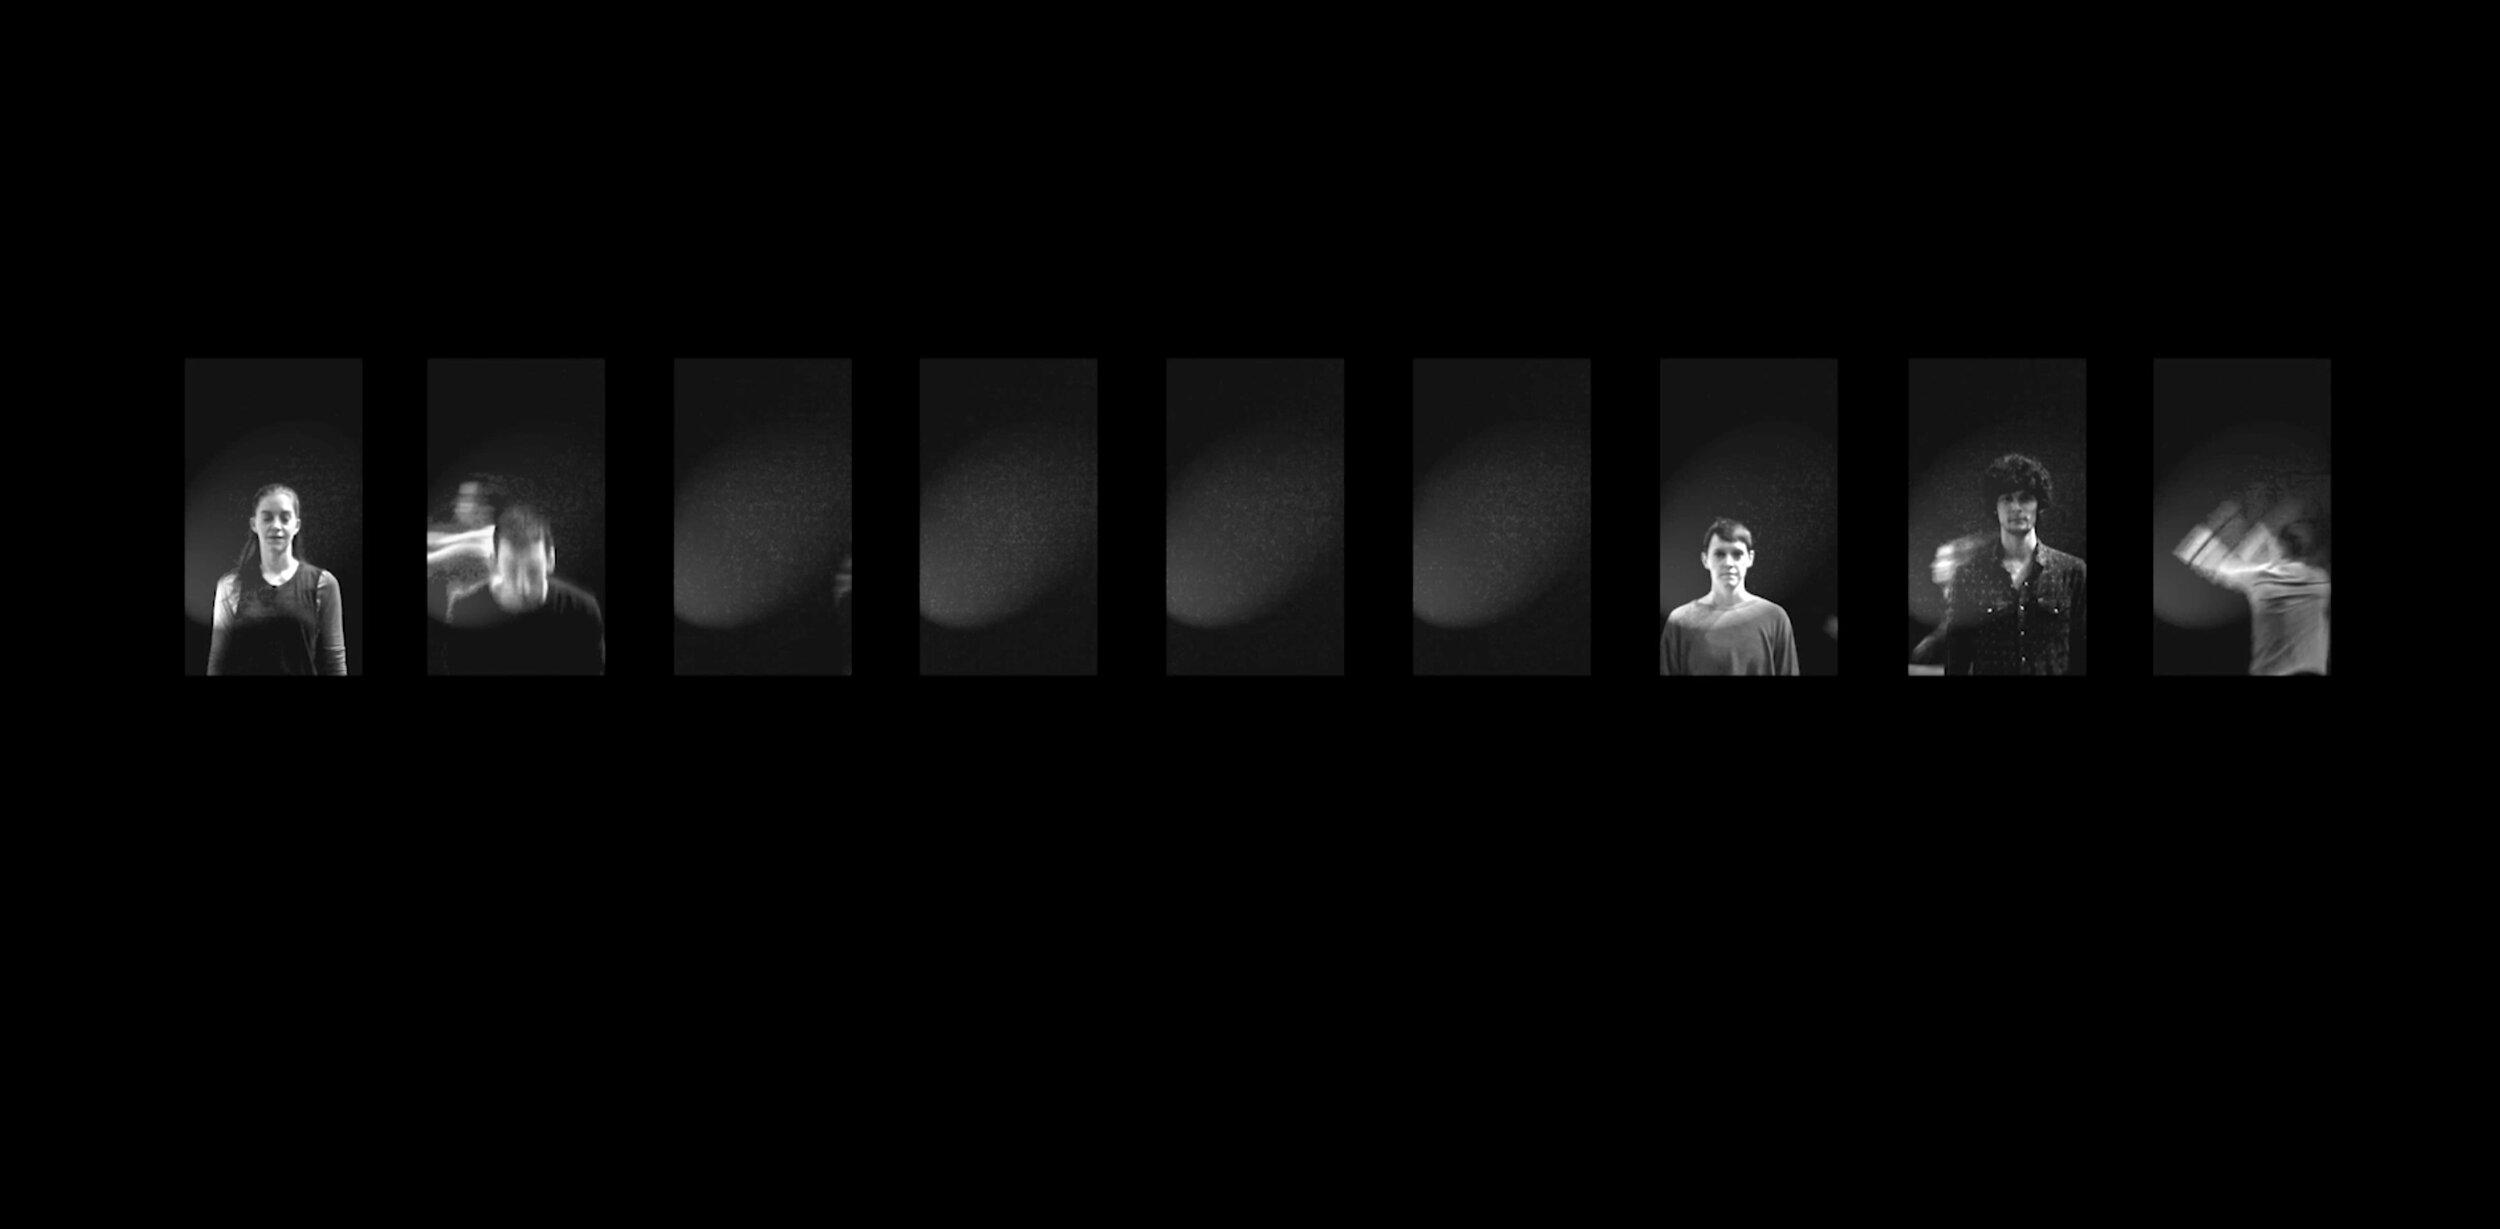 2015©Verburg WATCHING TRISHA BROWN #2- BOWS (excerpt) 2.jpg